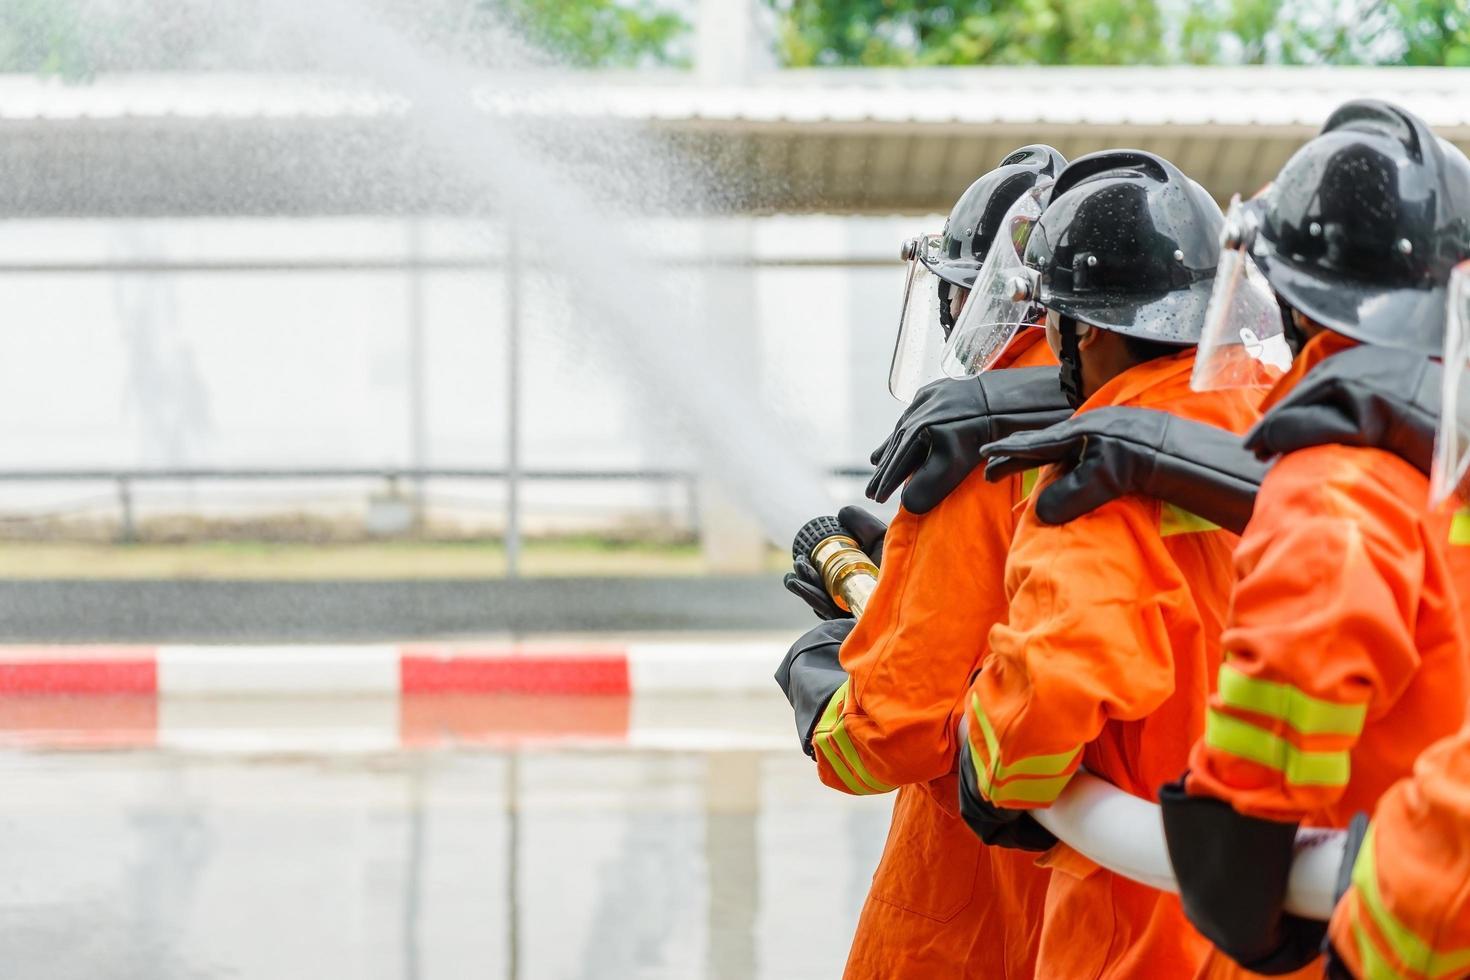 pompiers utilisant un extincteur et de l'eau du tuyau photo